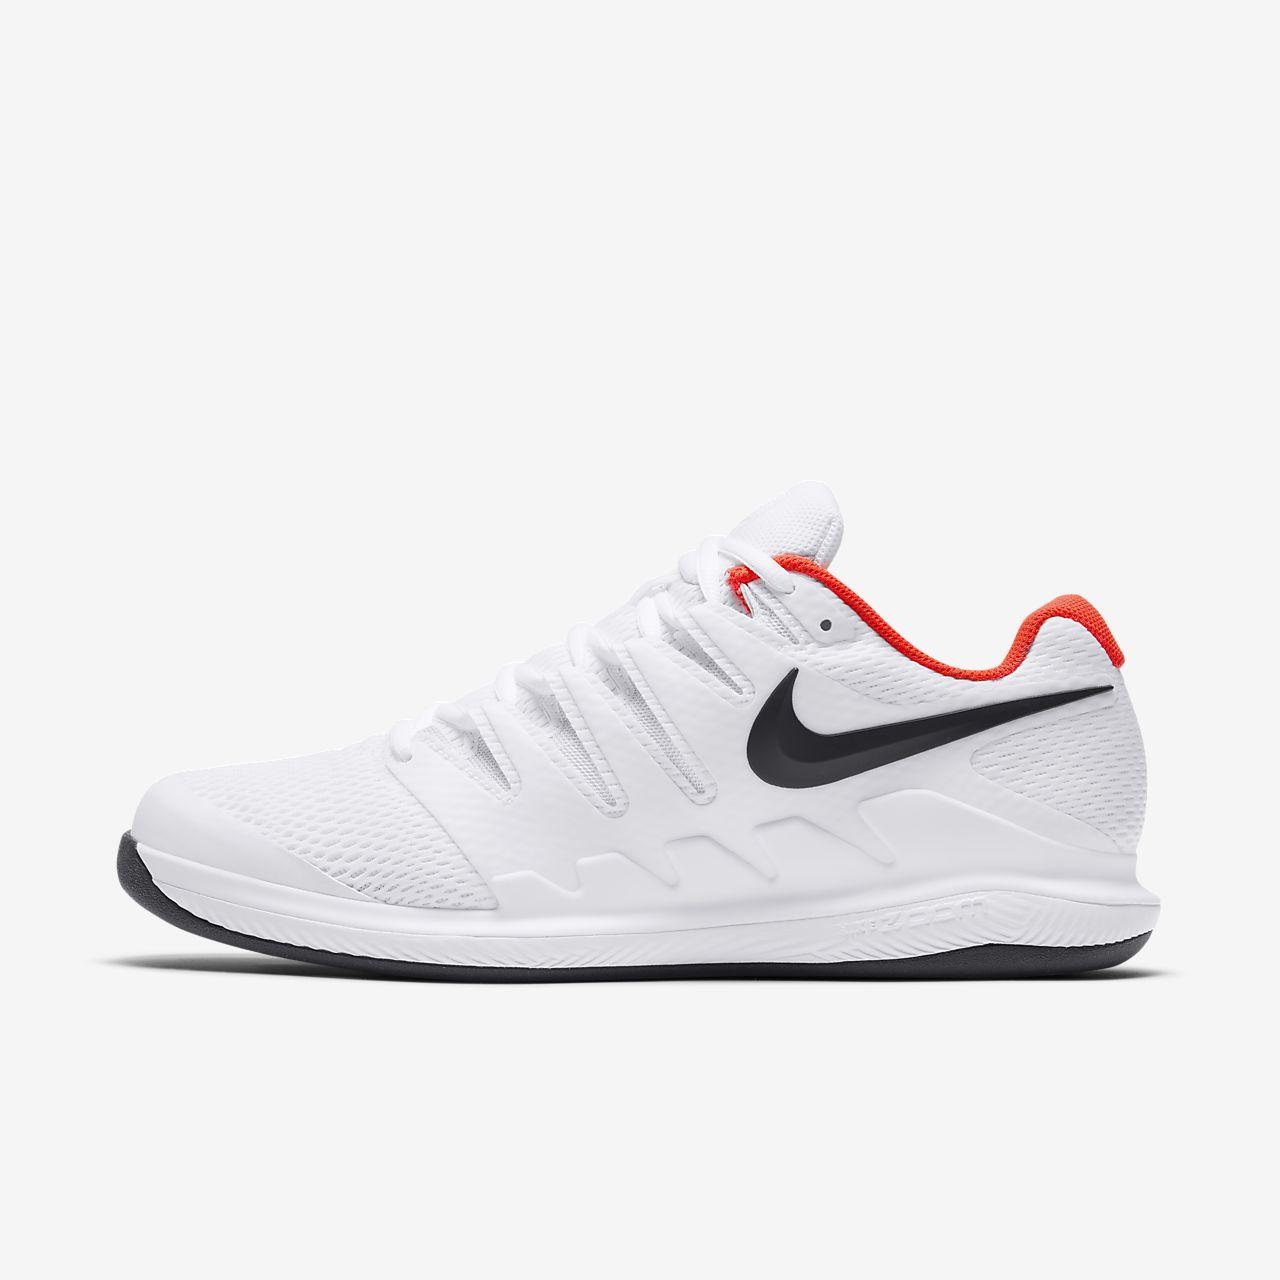 Tennissko Nike Air Zoom Vapor X Carpet för män